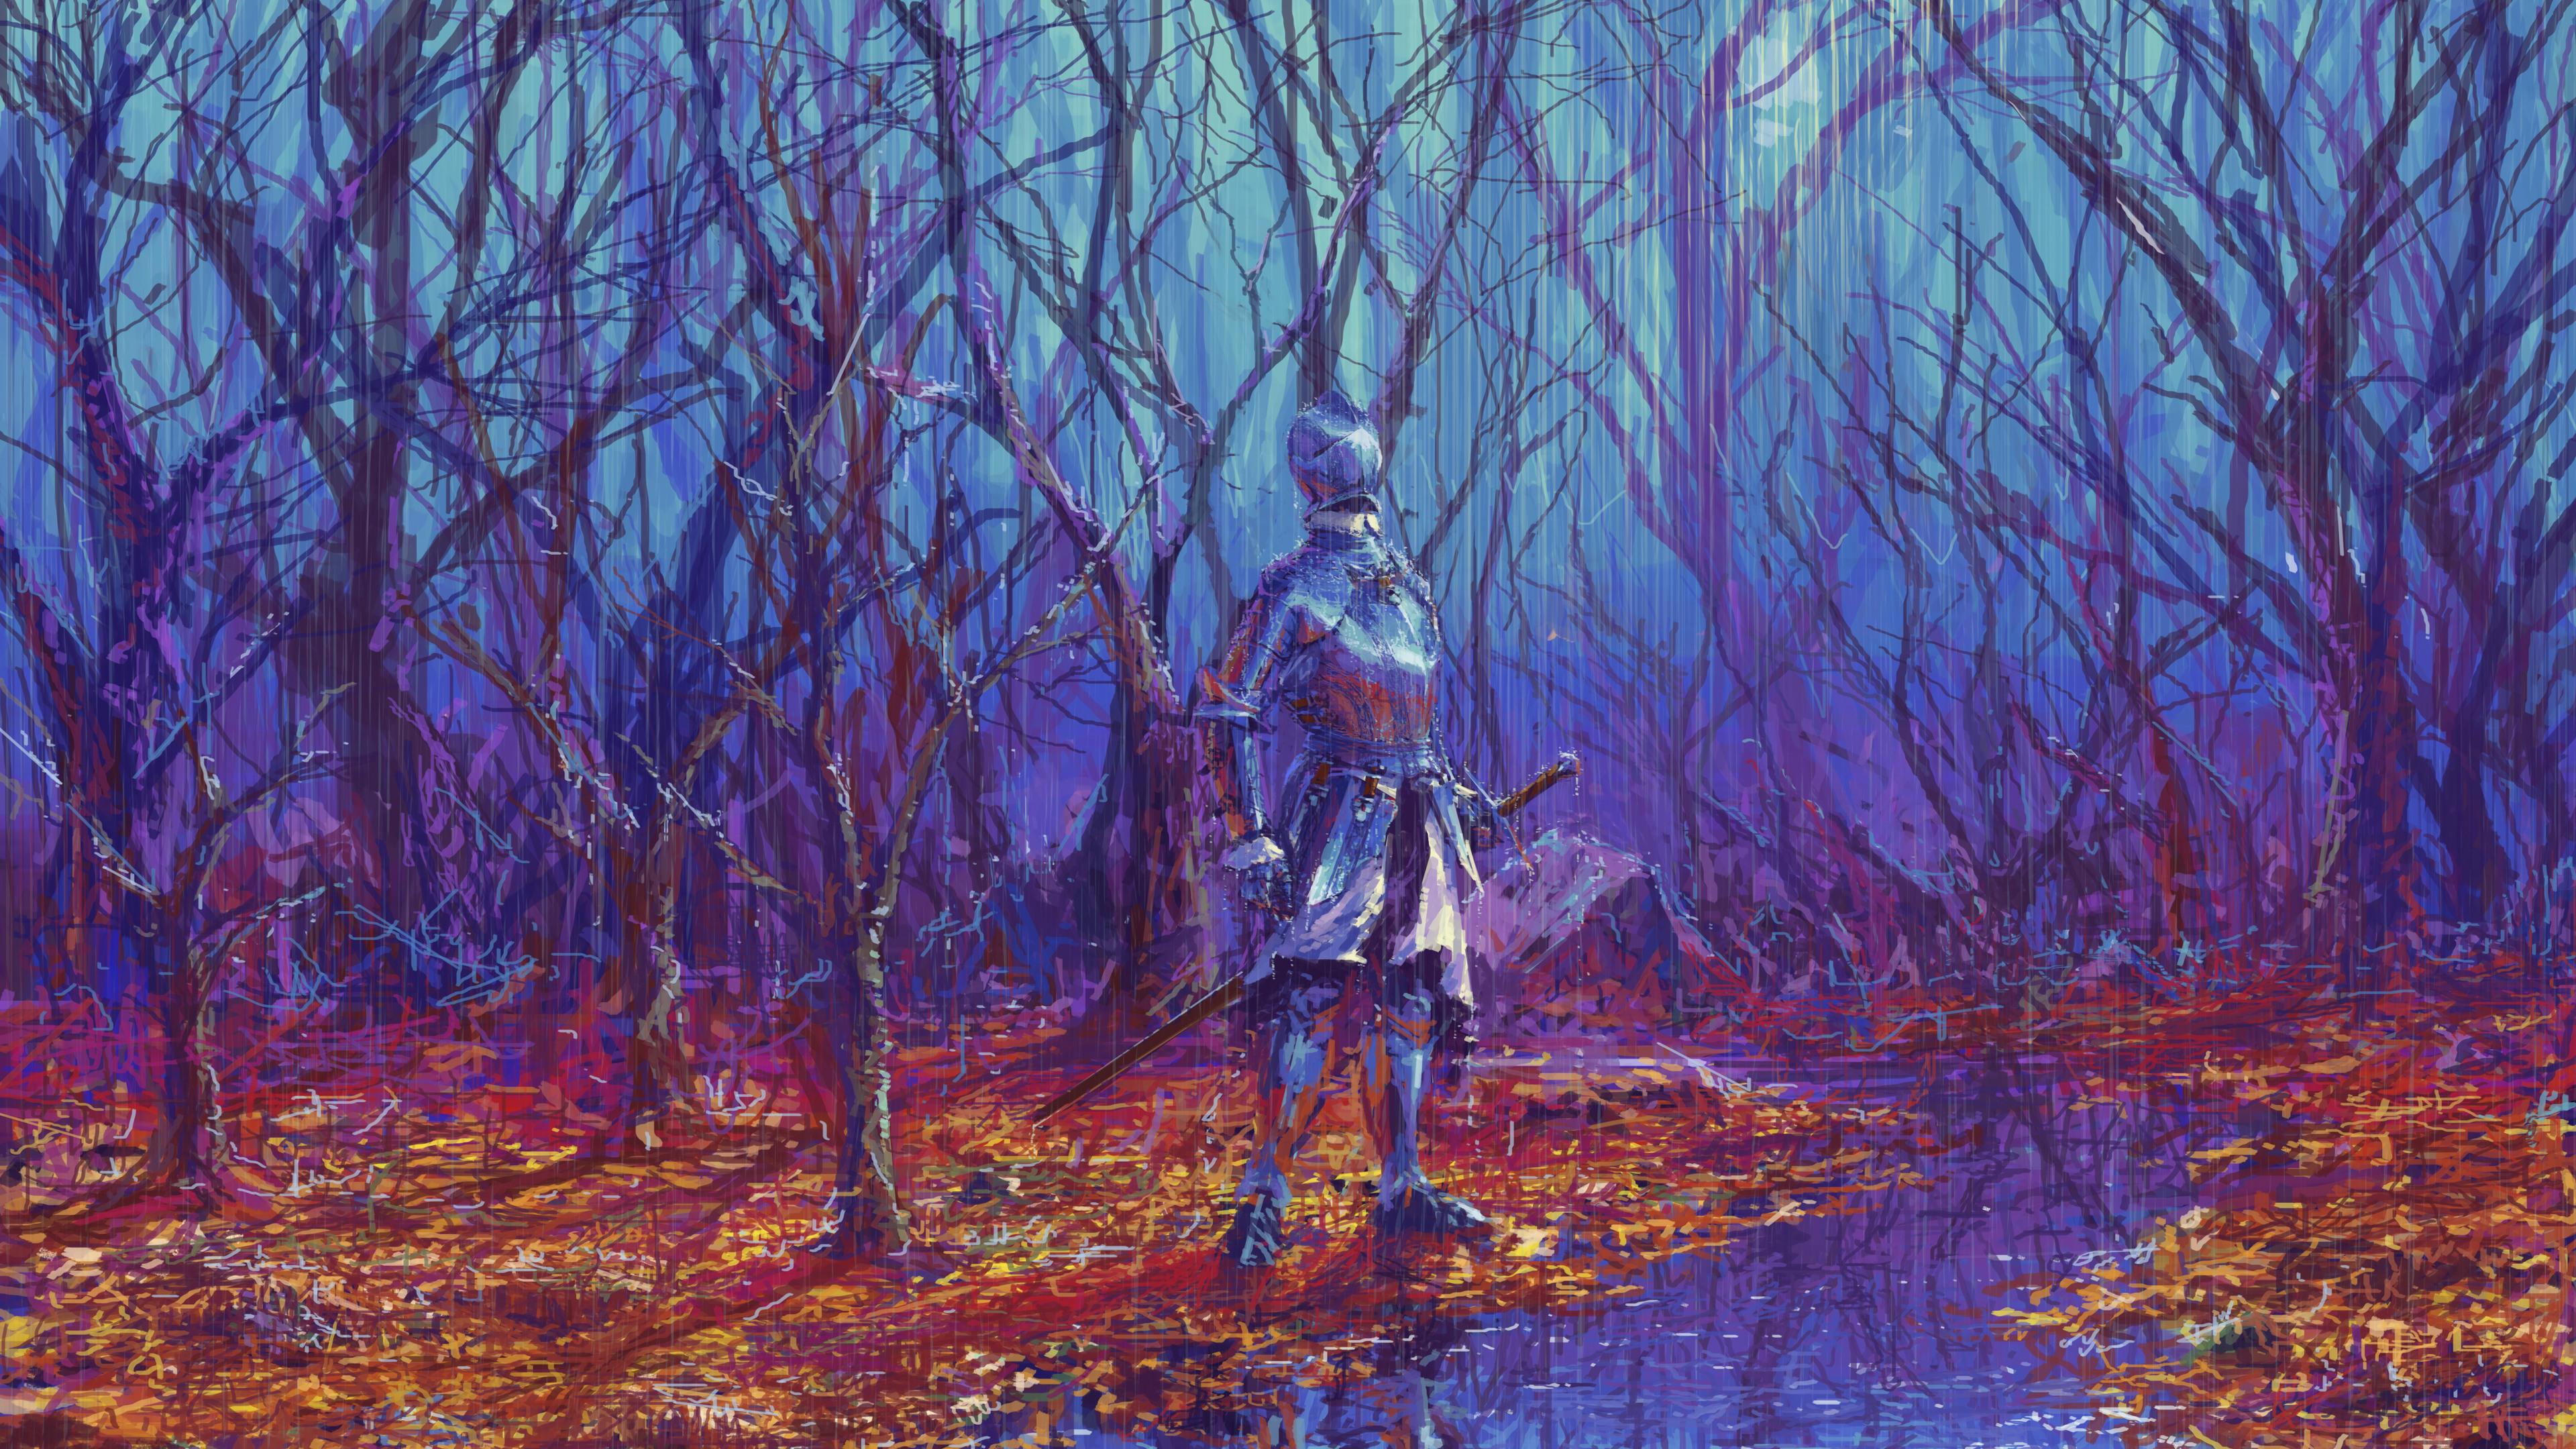 armor knight fantasy 4k 1540751648 - Armor Knight Fantasy 4k - knight wallpapers, hd-wallpapers, fantasy wallpapers, digital art wallpapers, deviantart wallpapers, artwork wallpapers, artist wallpapers, 5k wallpapers, 4k-wallpapers